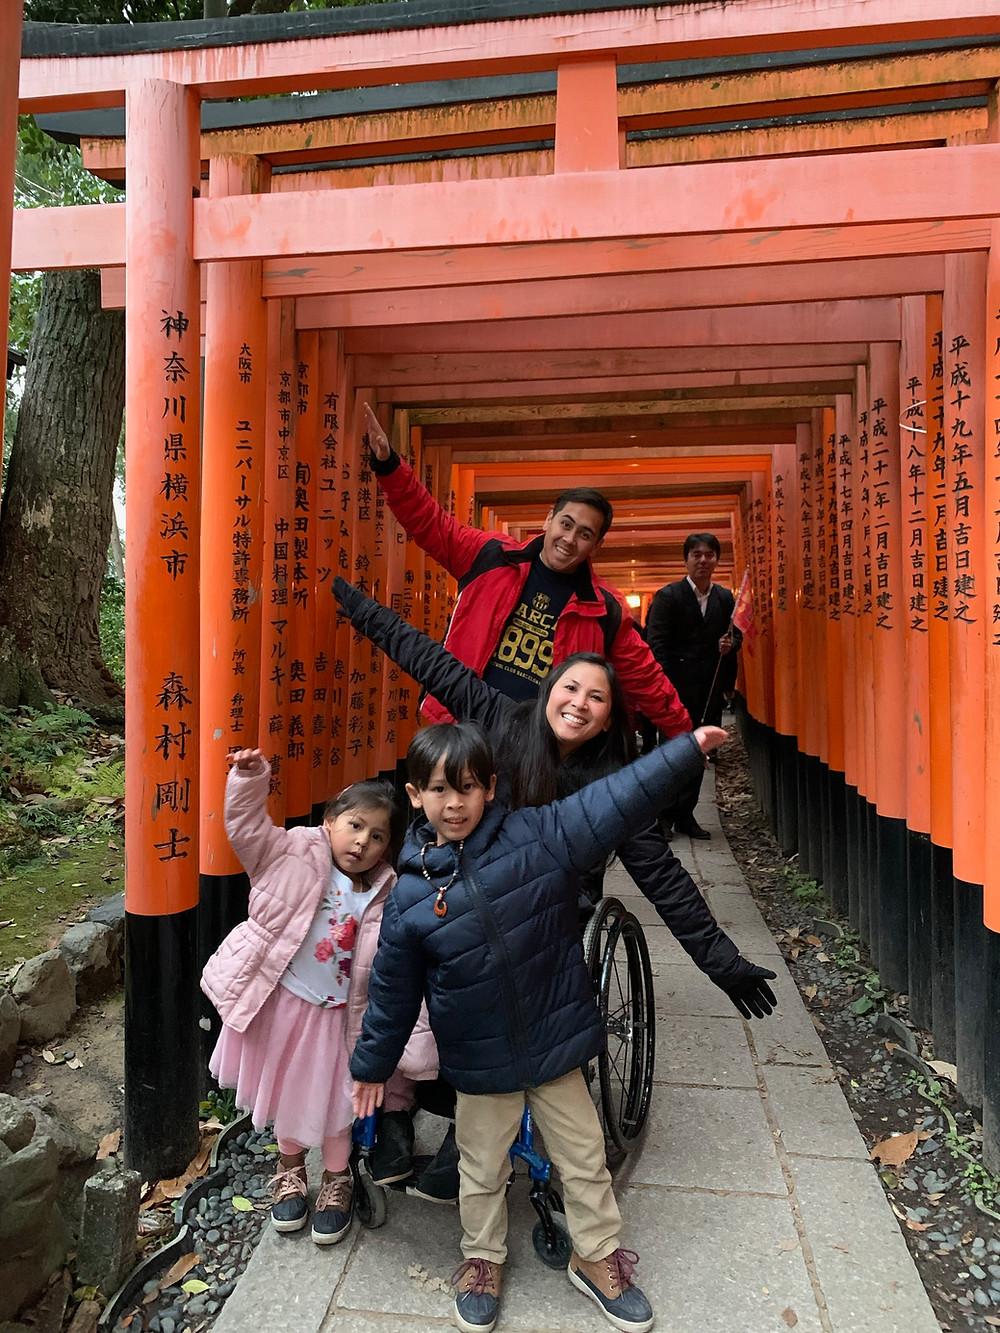 Red Tori gates at Fushimi Inari in Japan